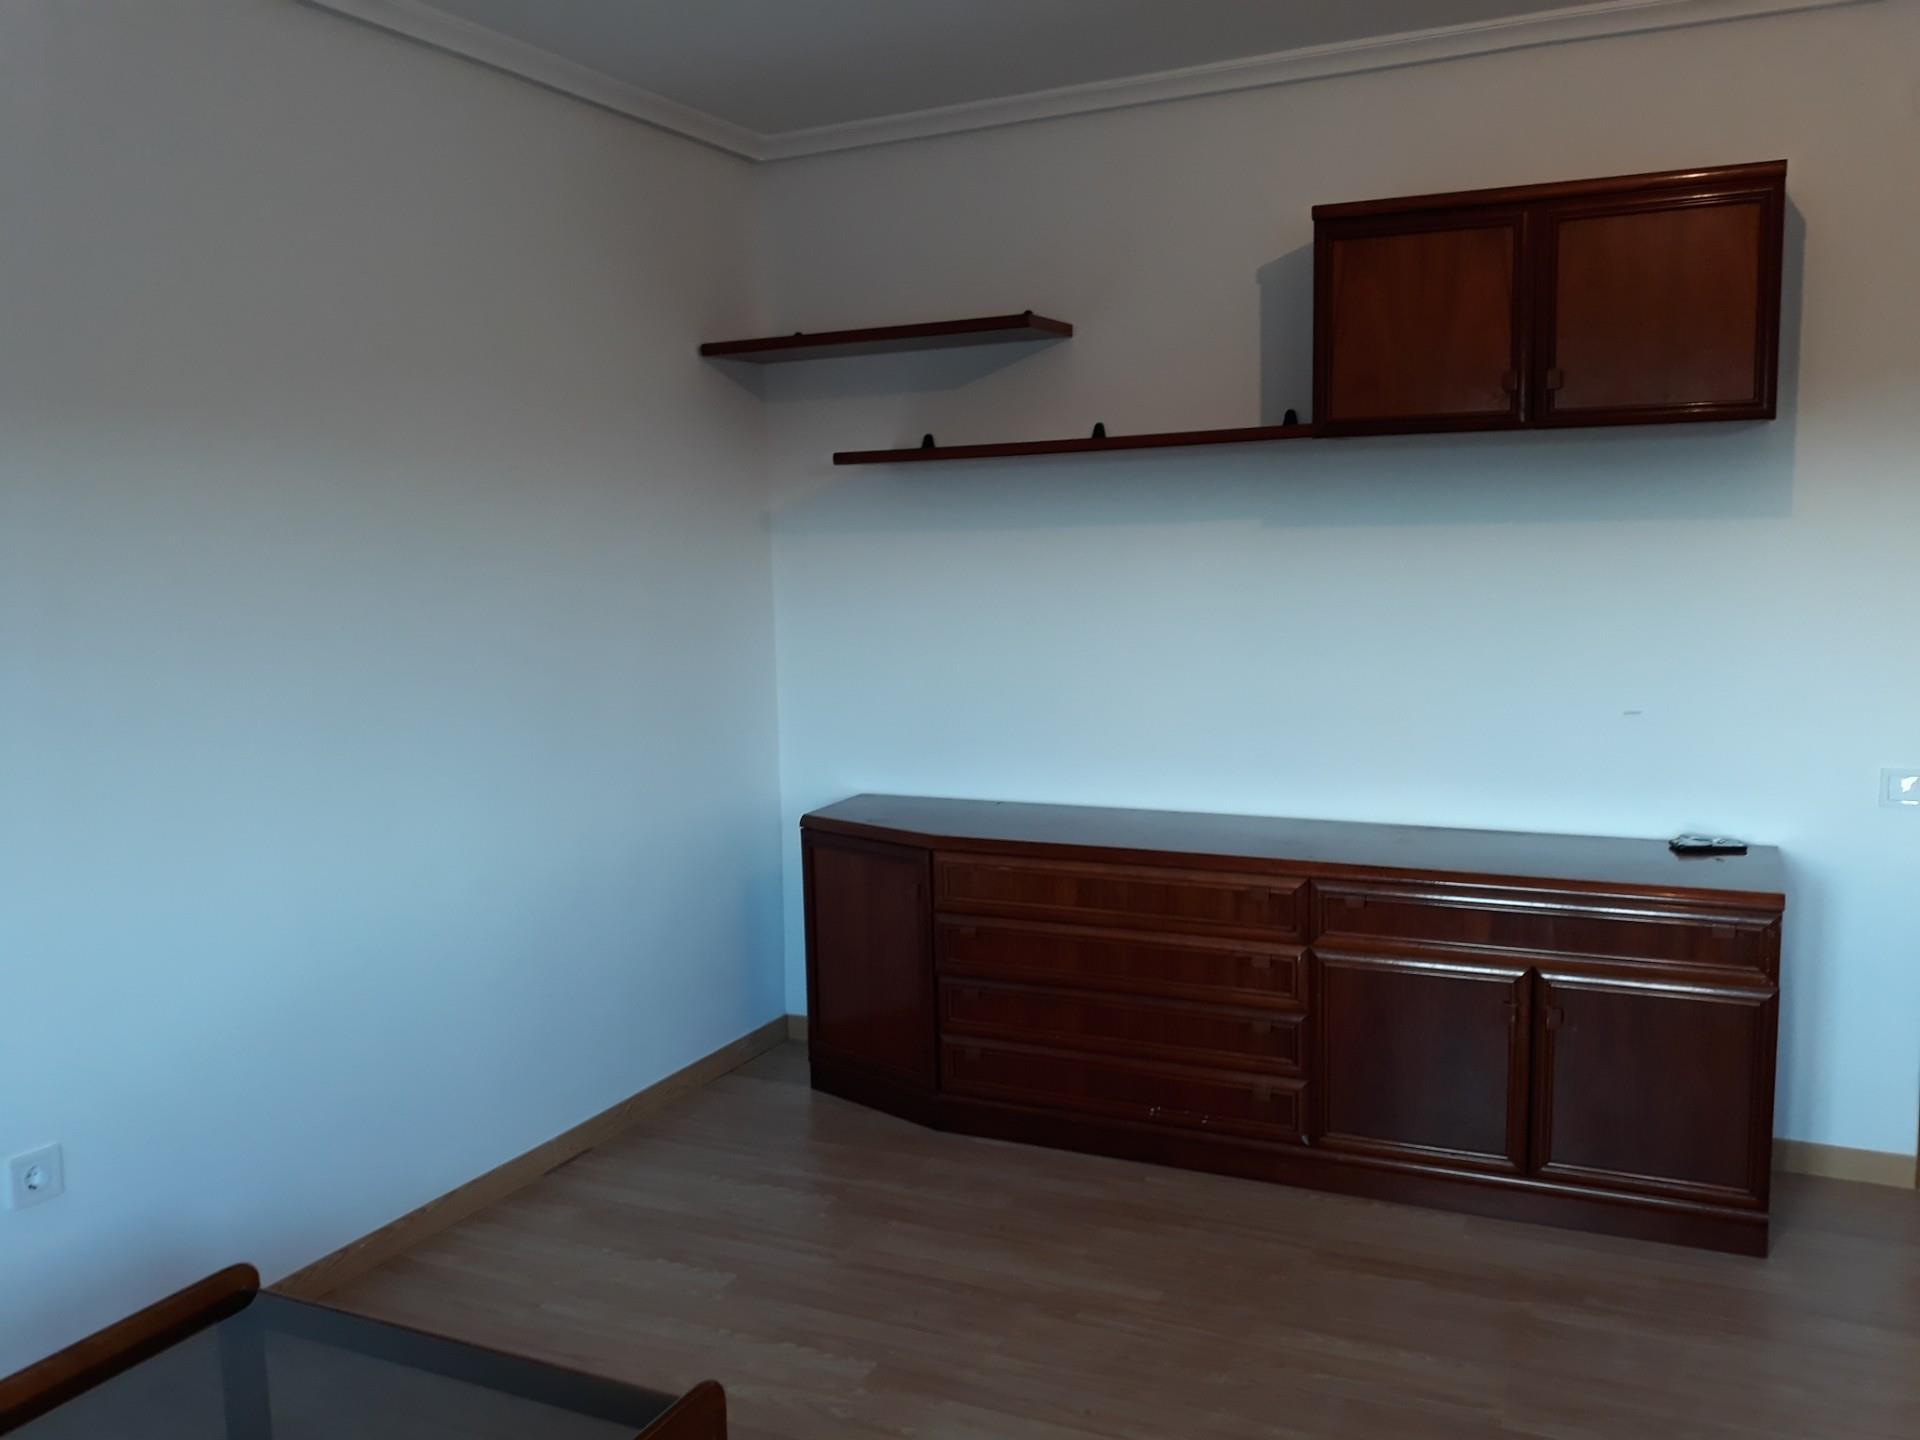 Piso de alquiler en Avenida Villena, 7 Peñafiel (Peñafiel, Valladolid)